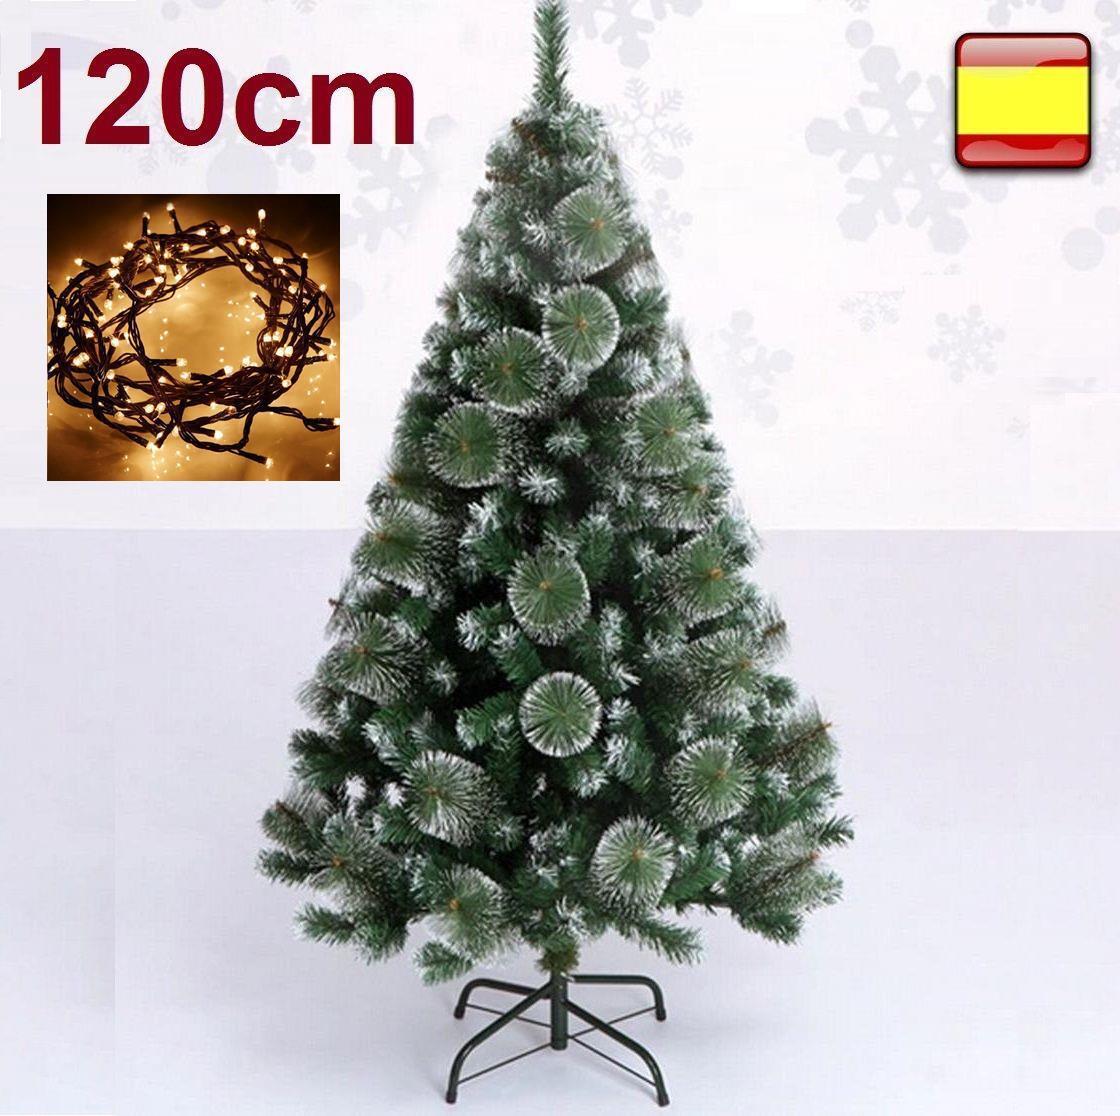 Arbol de navidad 1,20 m 120 cm Pino verde nieve + luz...